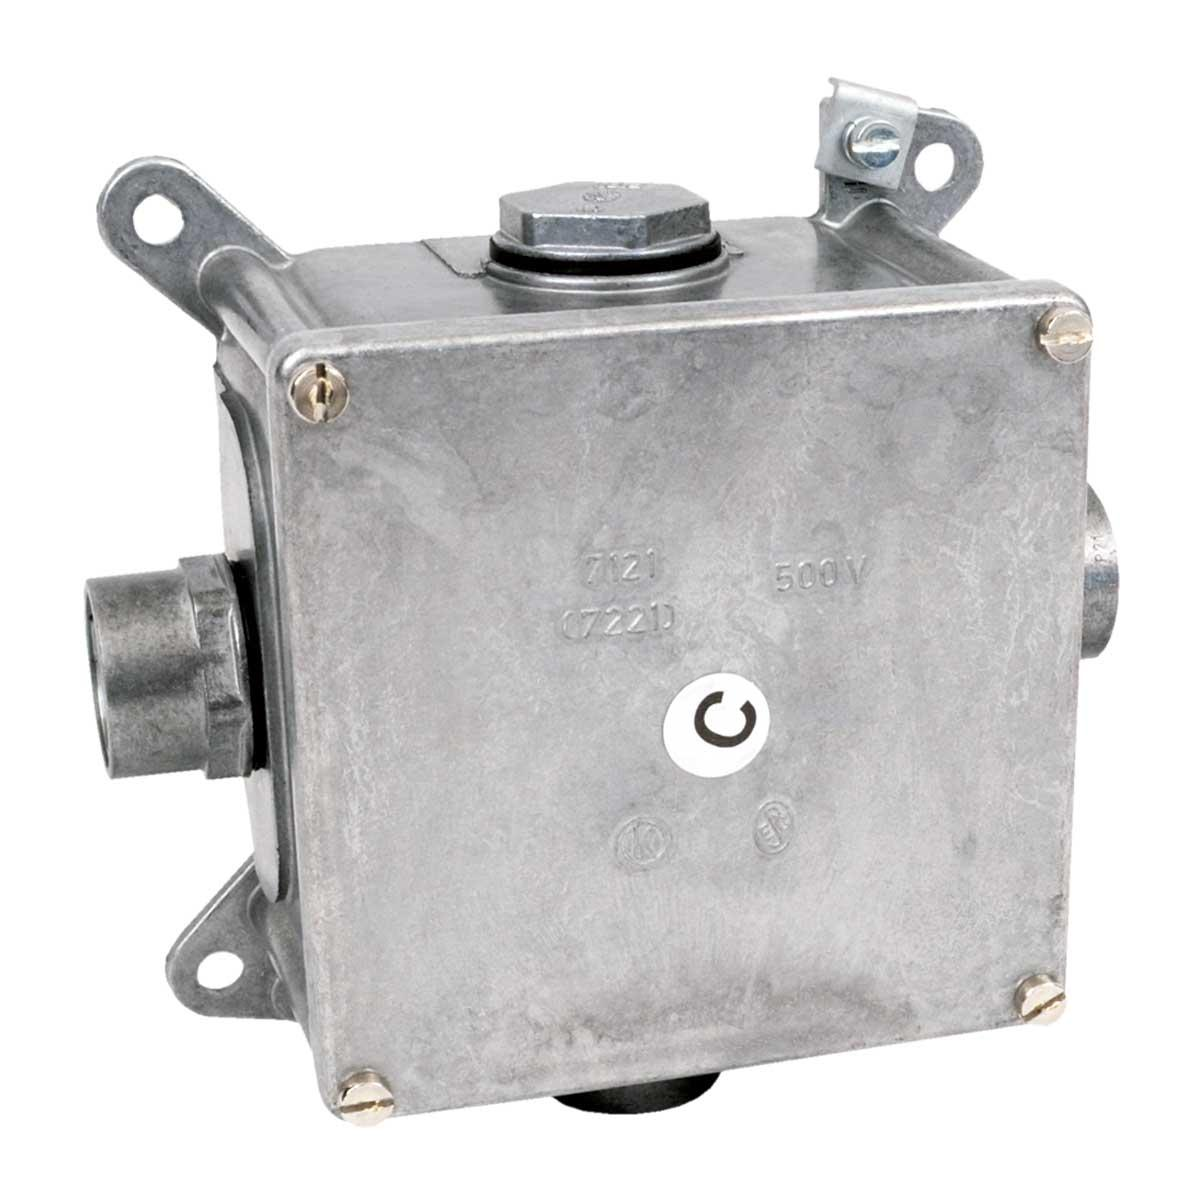 Коробка металева з запобіжною клемою розміри 119х119х78 мм